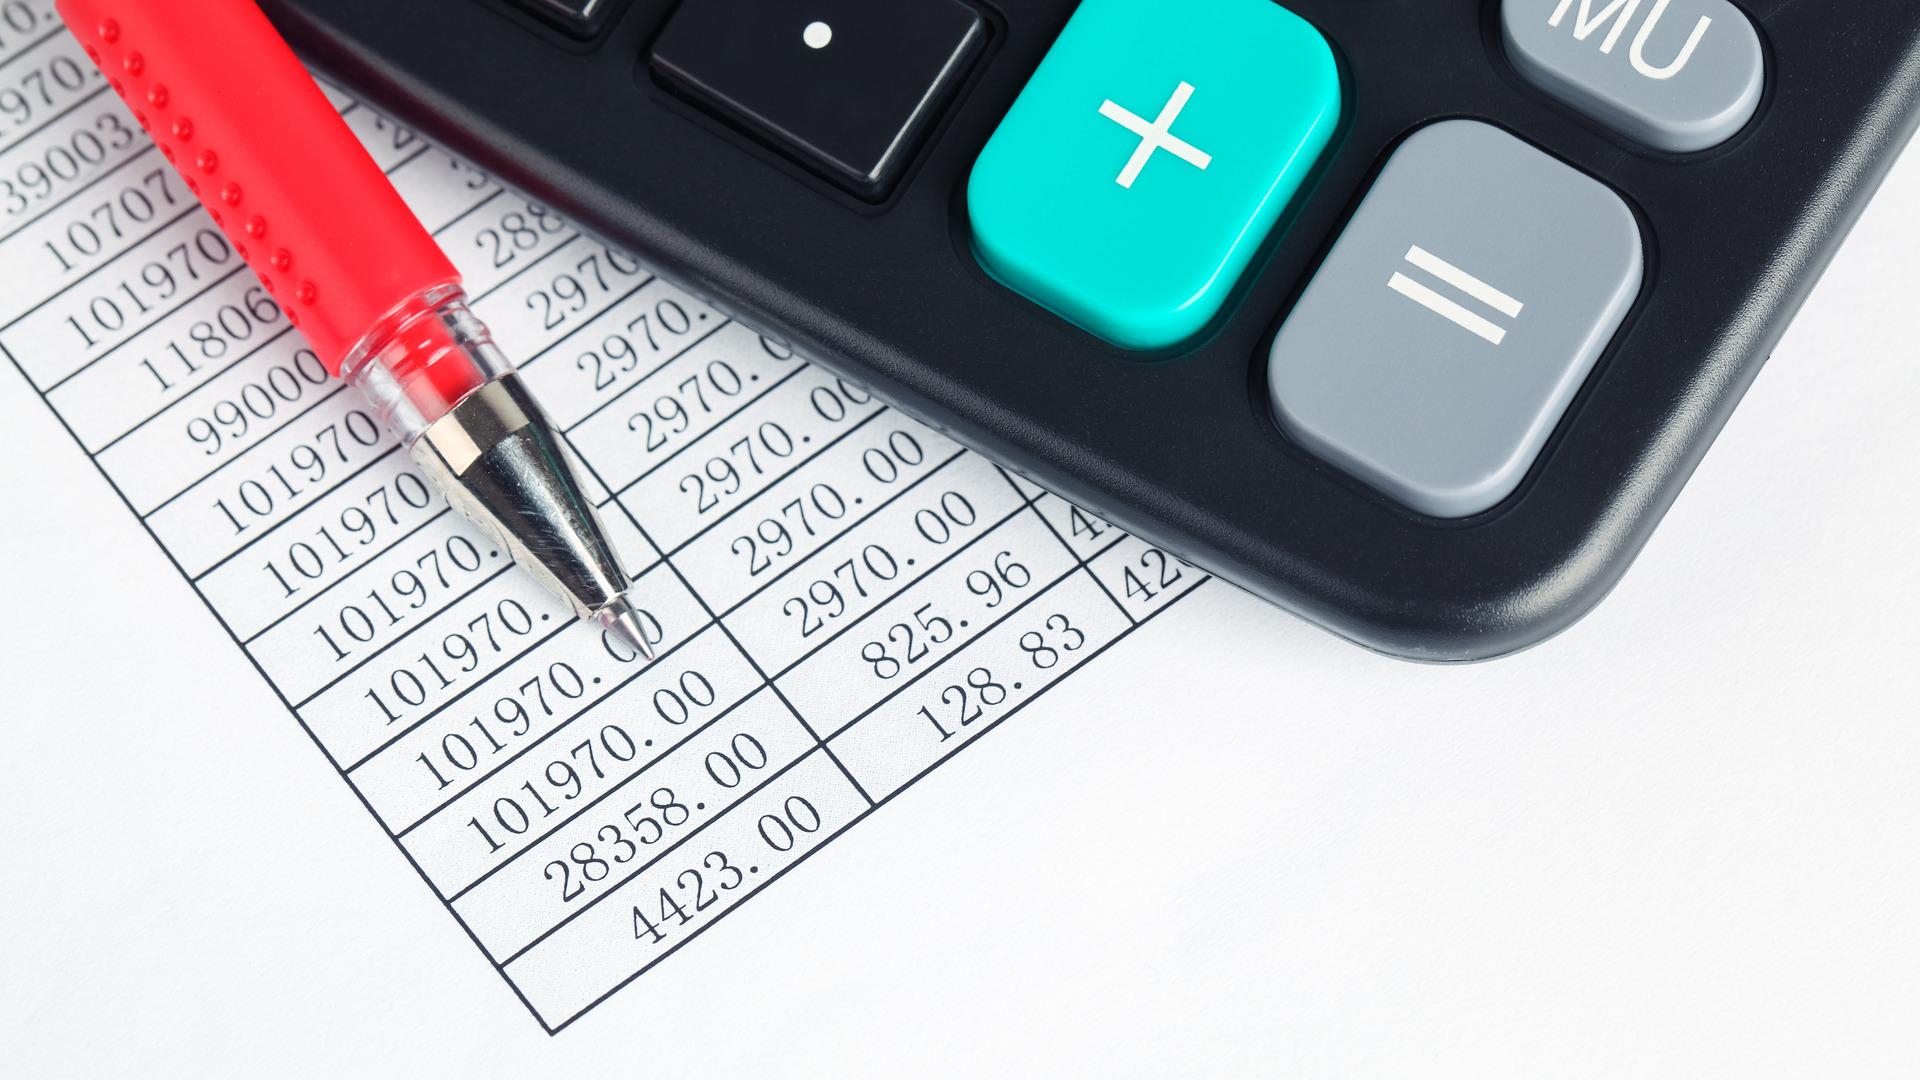 Волиняни задекларували майже 940 мільйонів гривень доходів за минулий рік